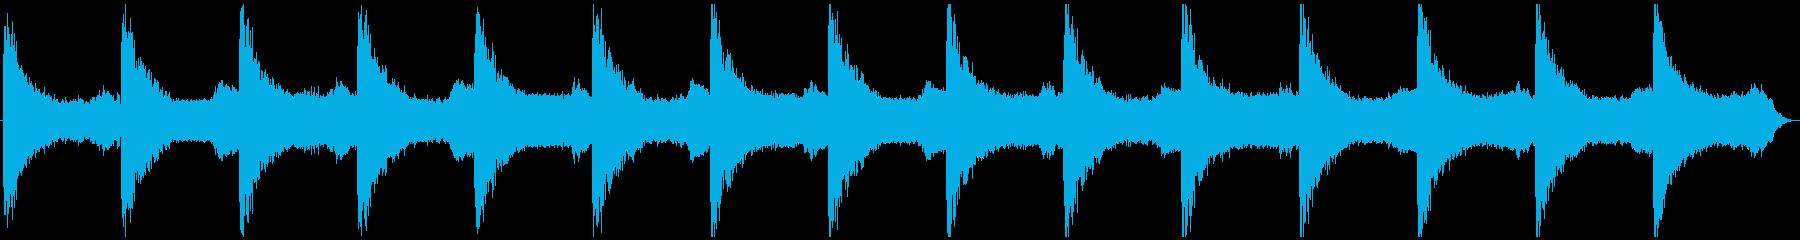 鐘の音が怪しく不気味なホラーアンビエントの再生済みの波形